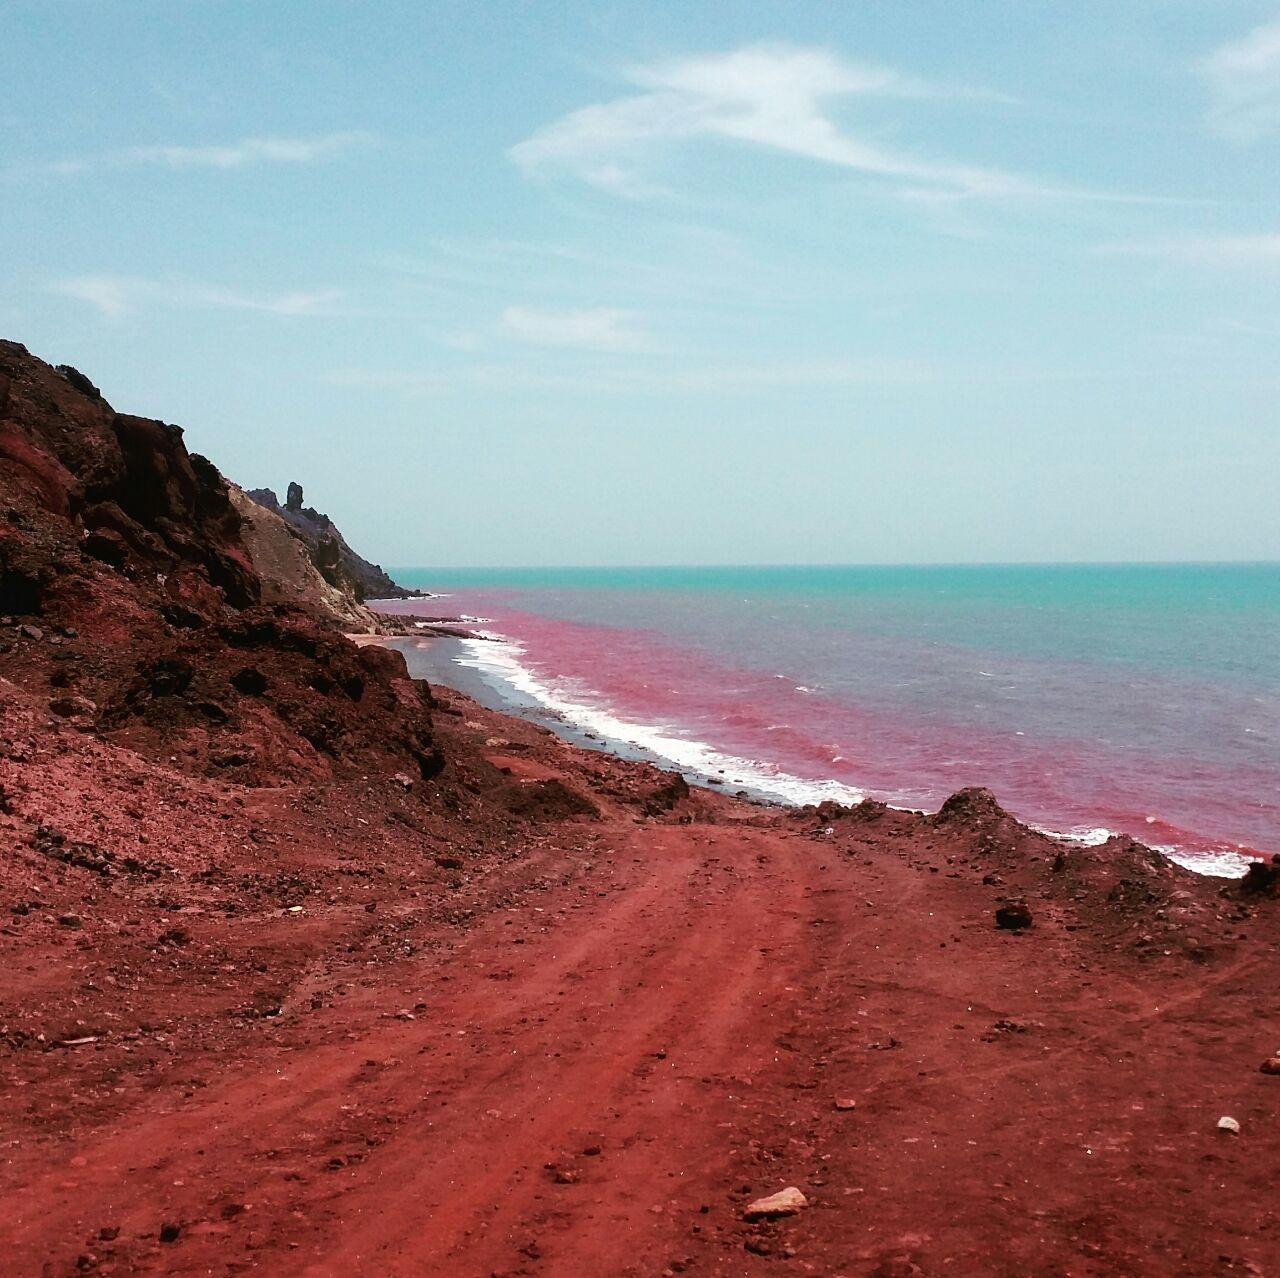 خاک قرمز جزیره هرمز بهشت زمین شناسی جهان